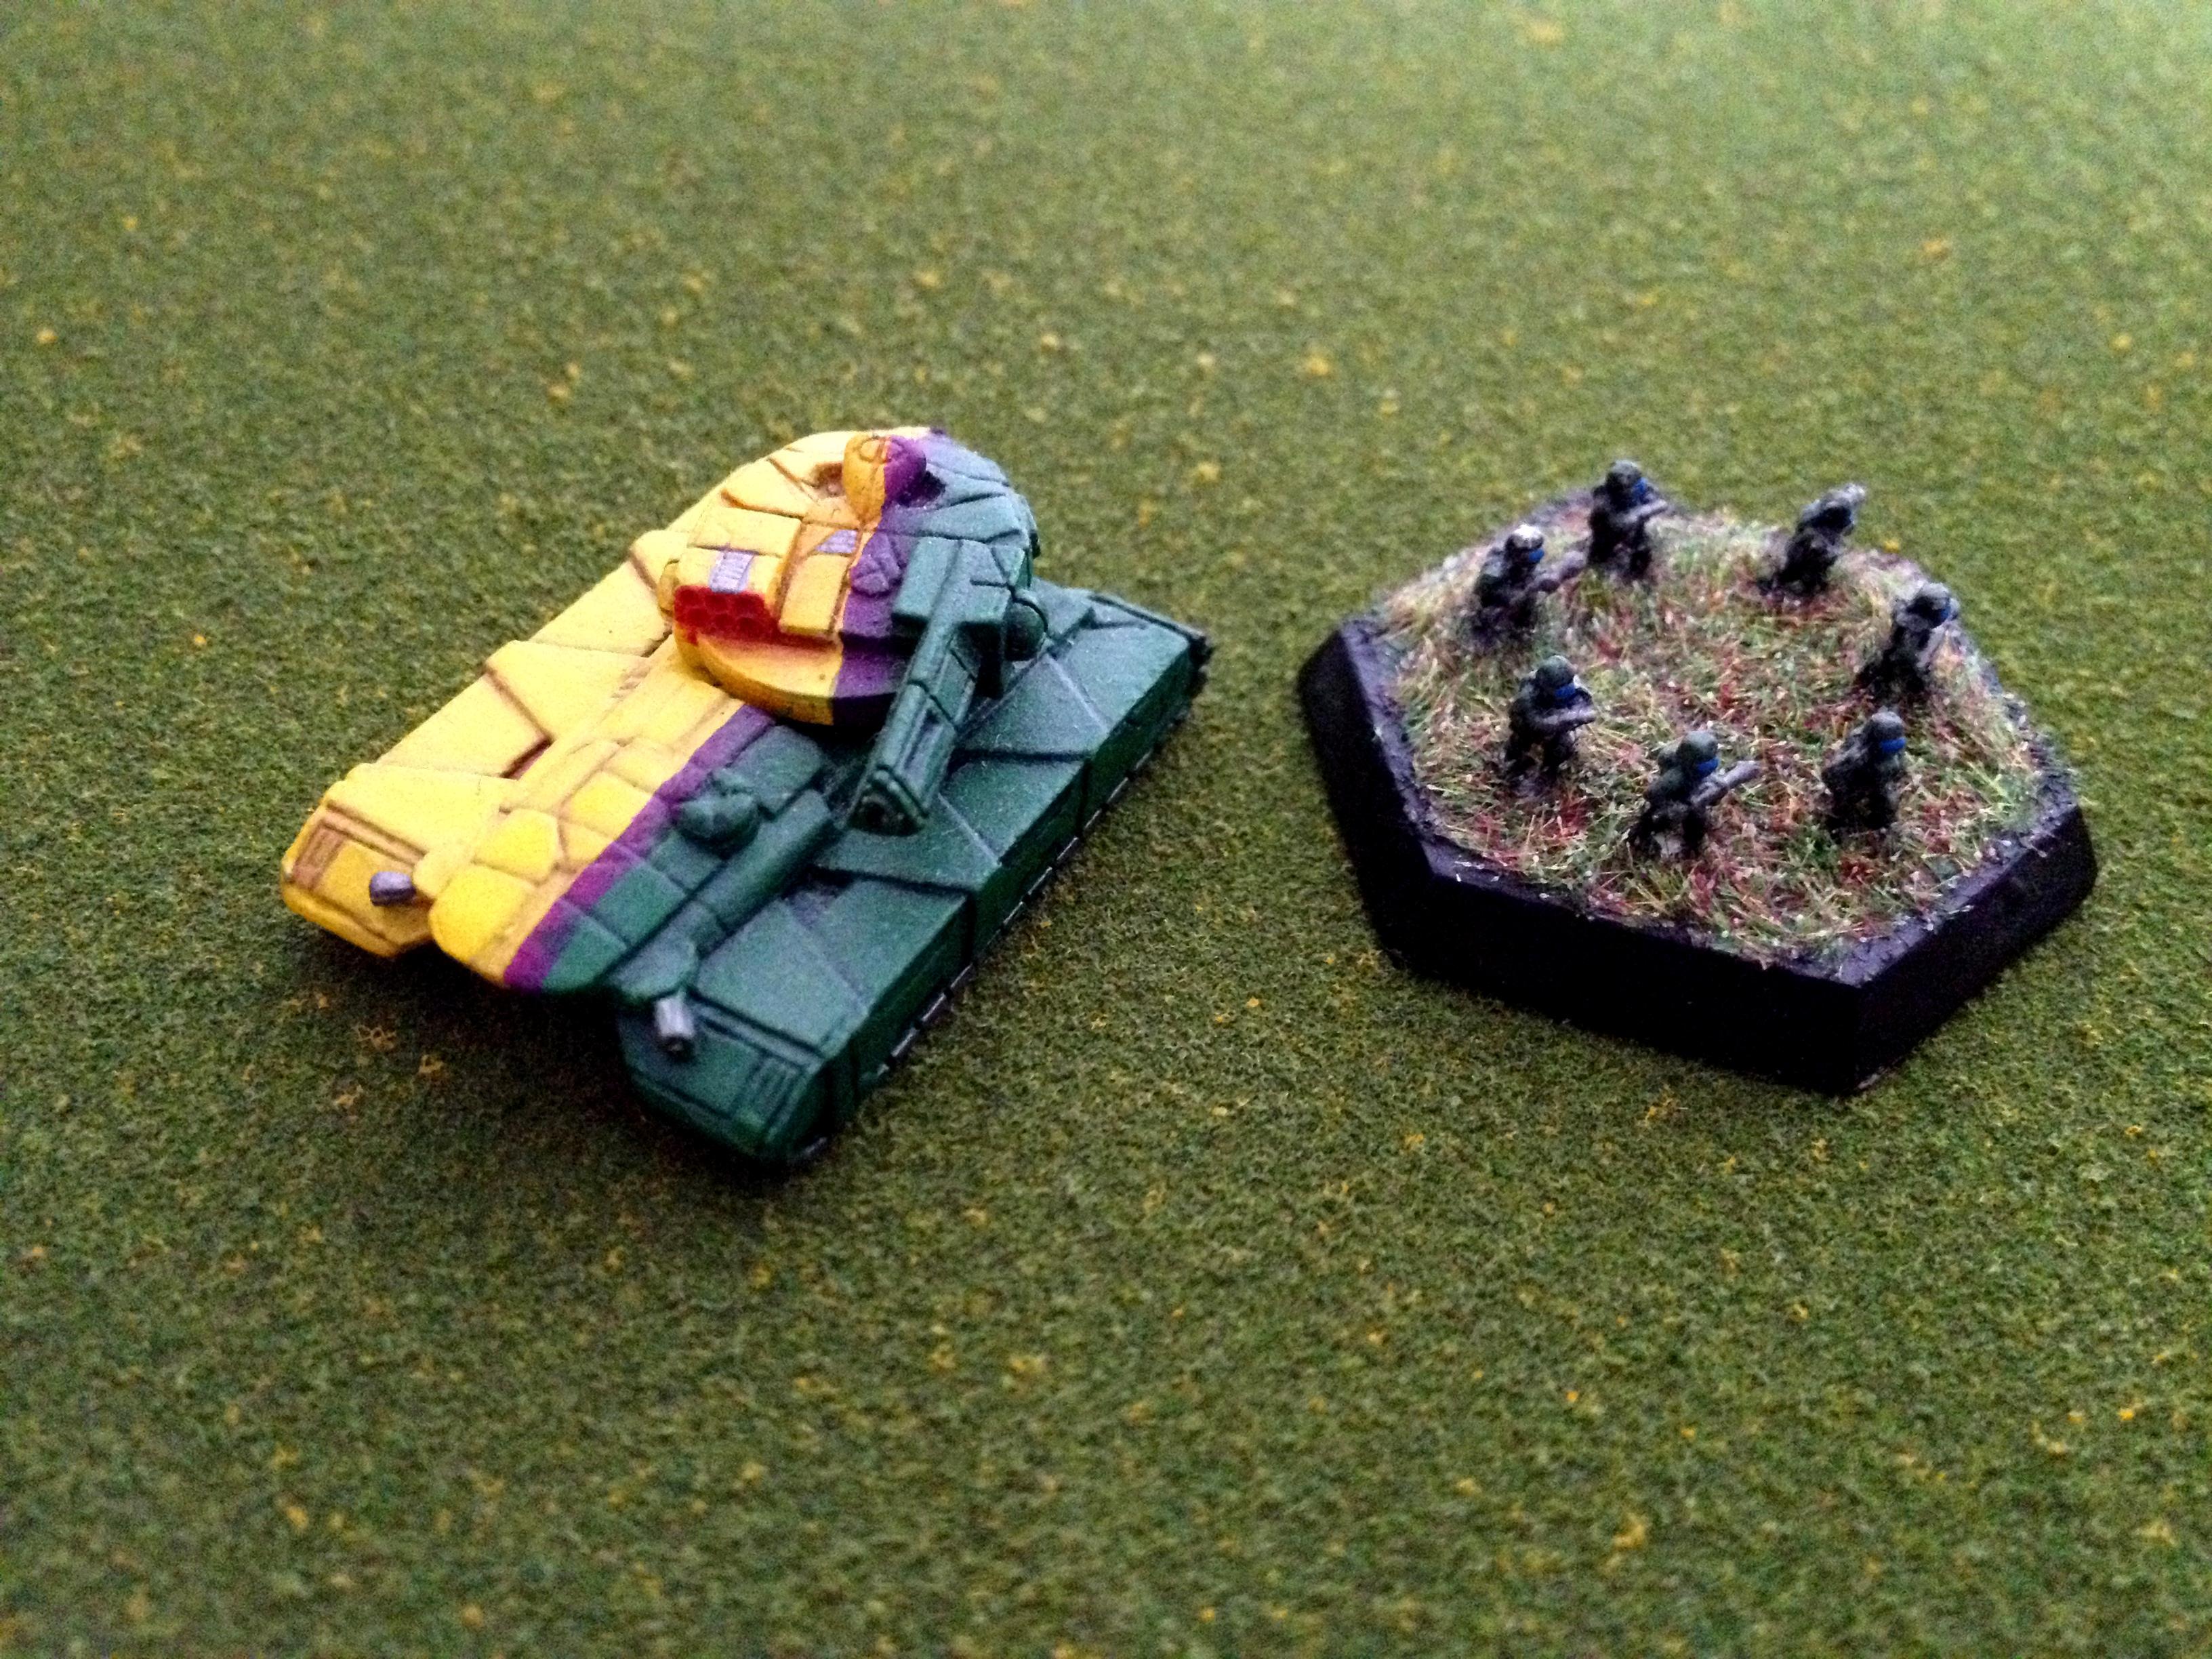 Battlemech, Battletech, Goblins, Infantry, Isv, Mech, Mercenary